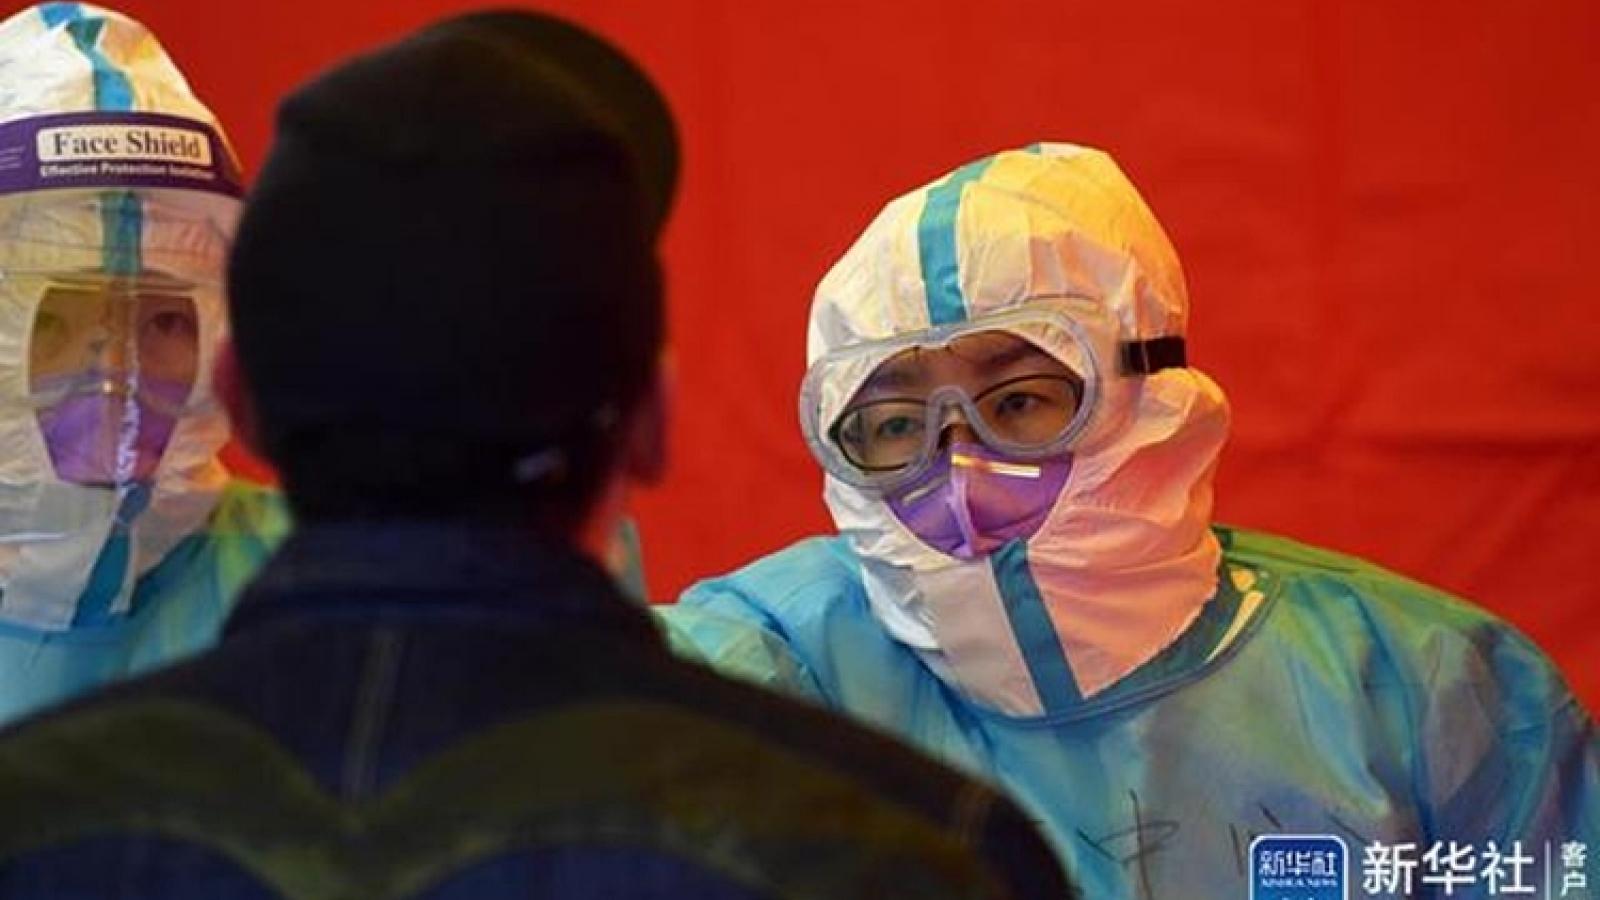 Trung Quốc cách chức quan chức để bùng phát dịch Covid-19 trong cộng đồng